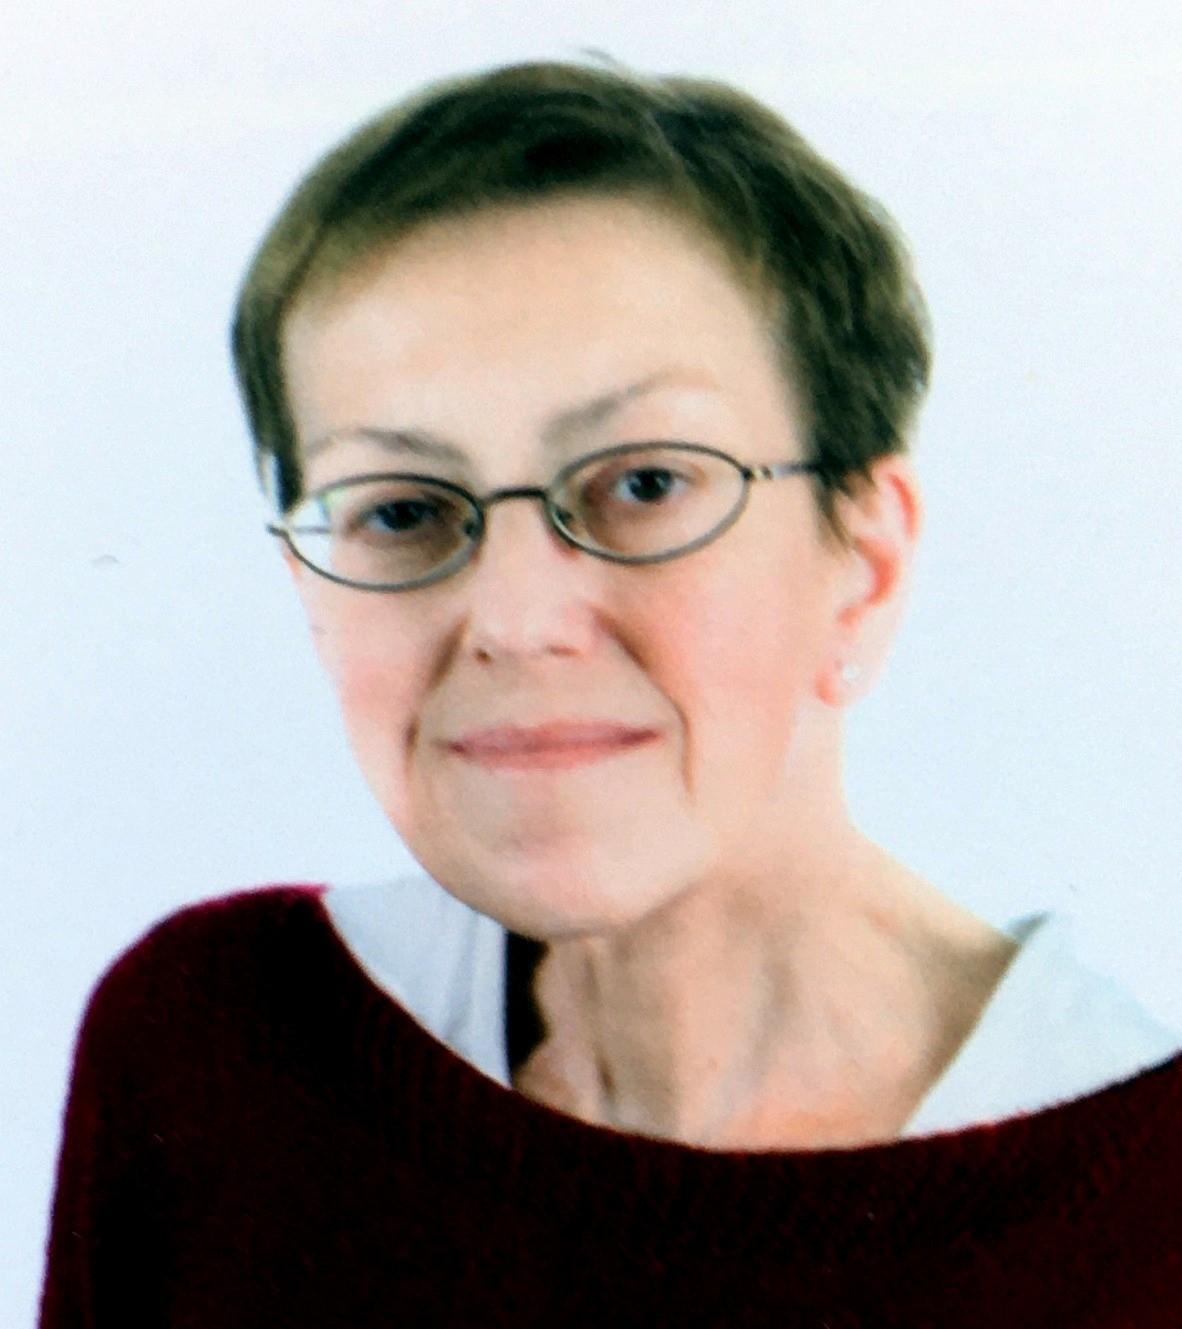 Silvia, Maria Maddalena, Bordoni, ha portato a compimento il suo cammino pasquale